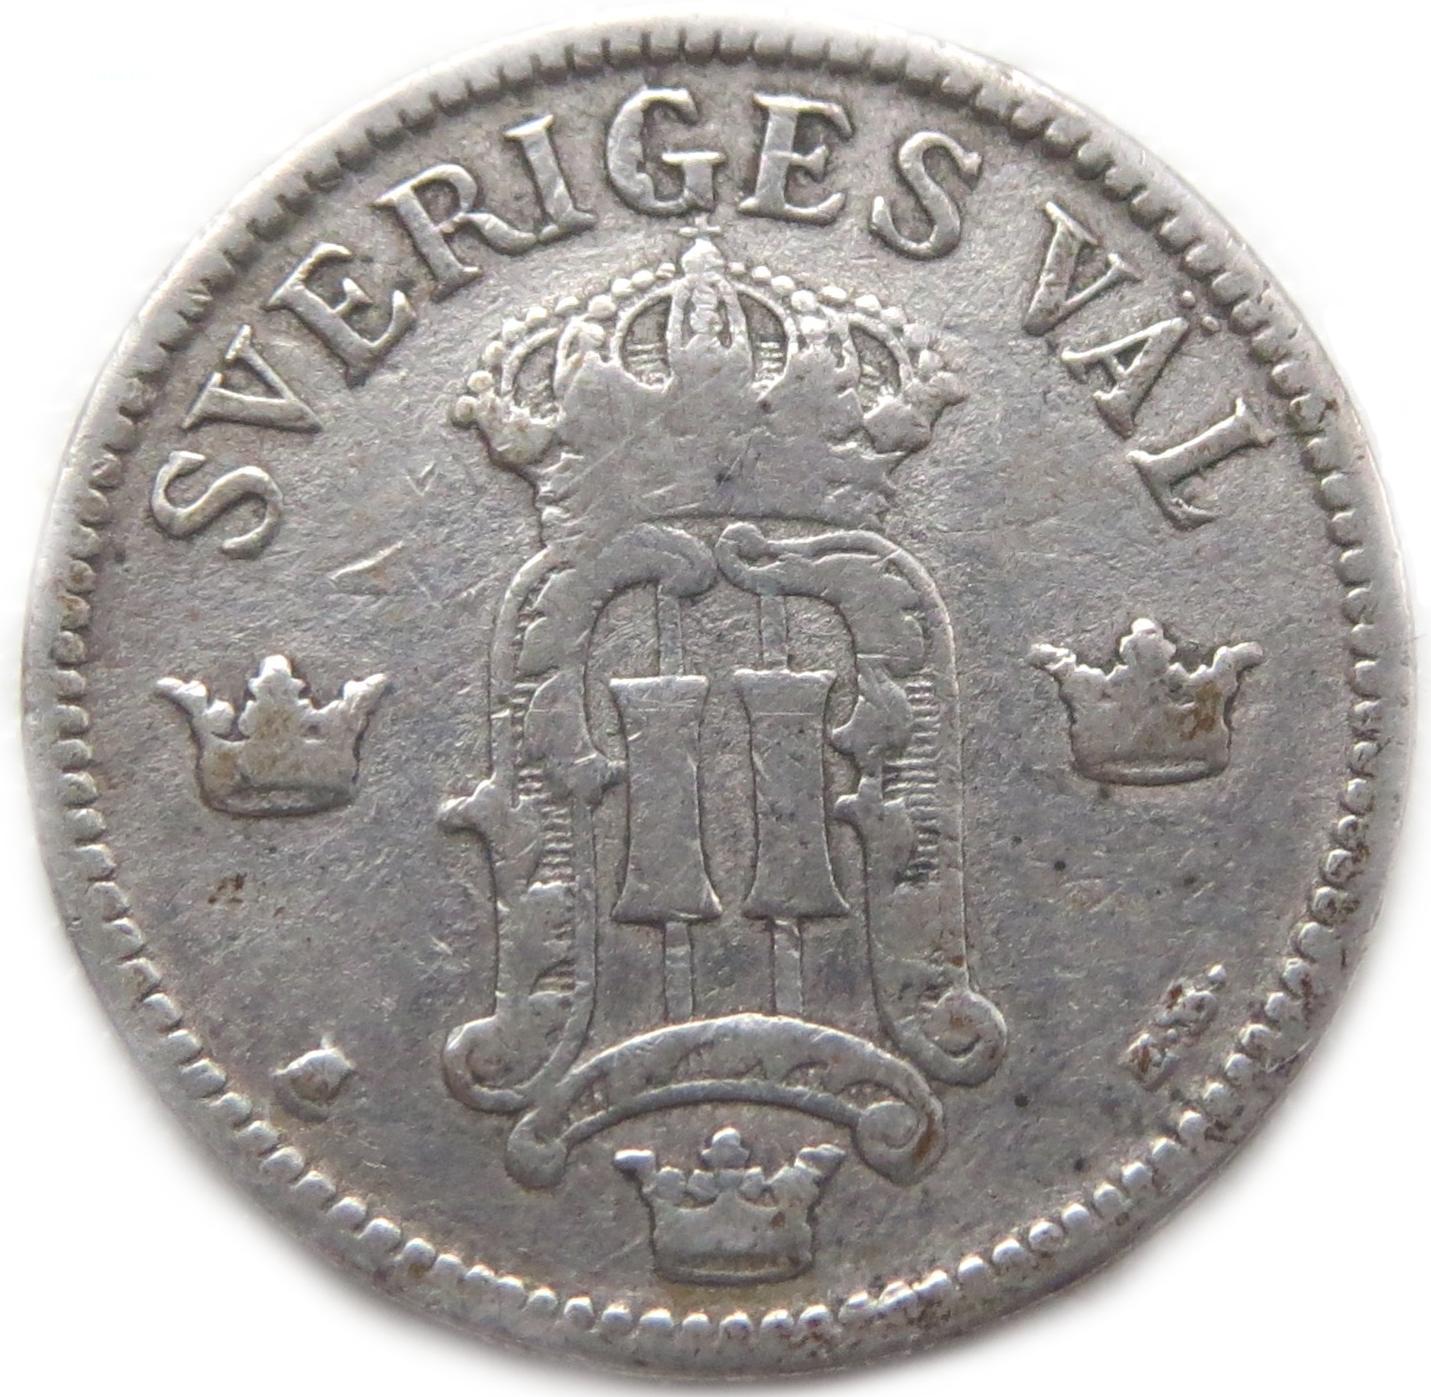 1907 Sveriges väl baksida